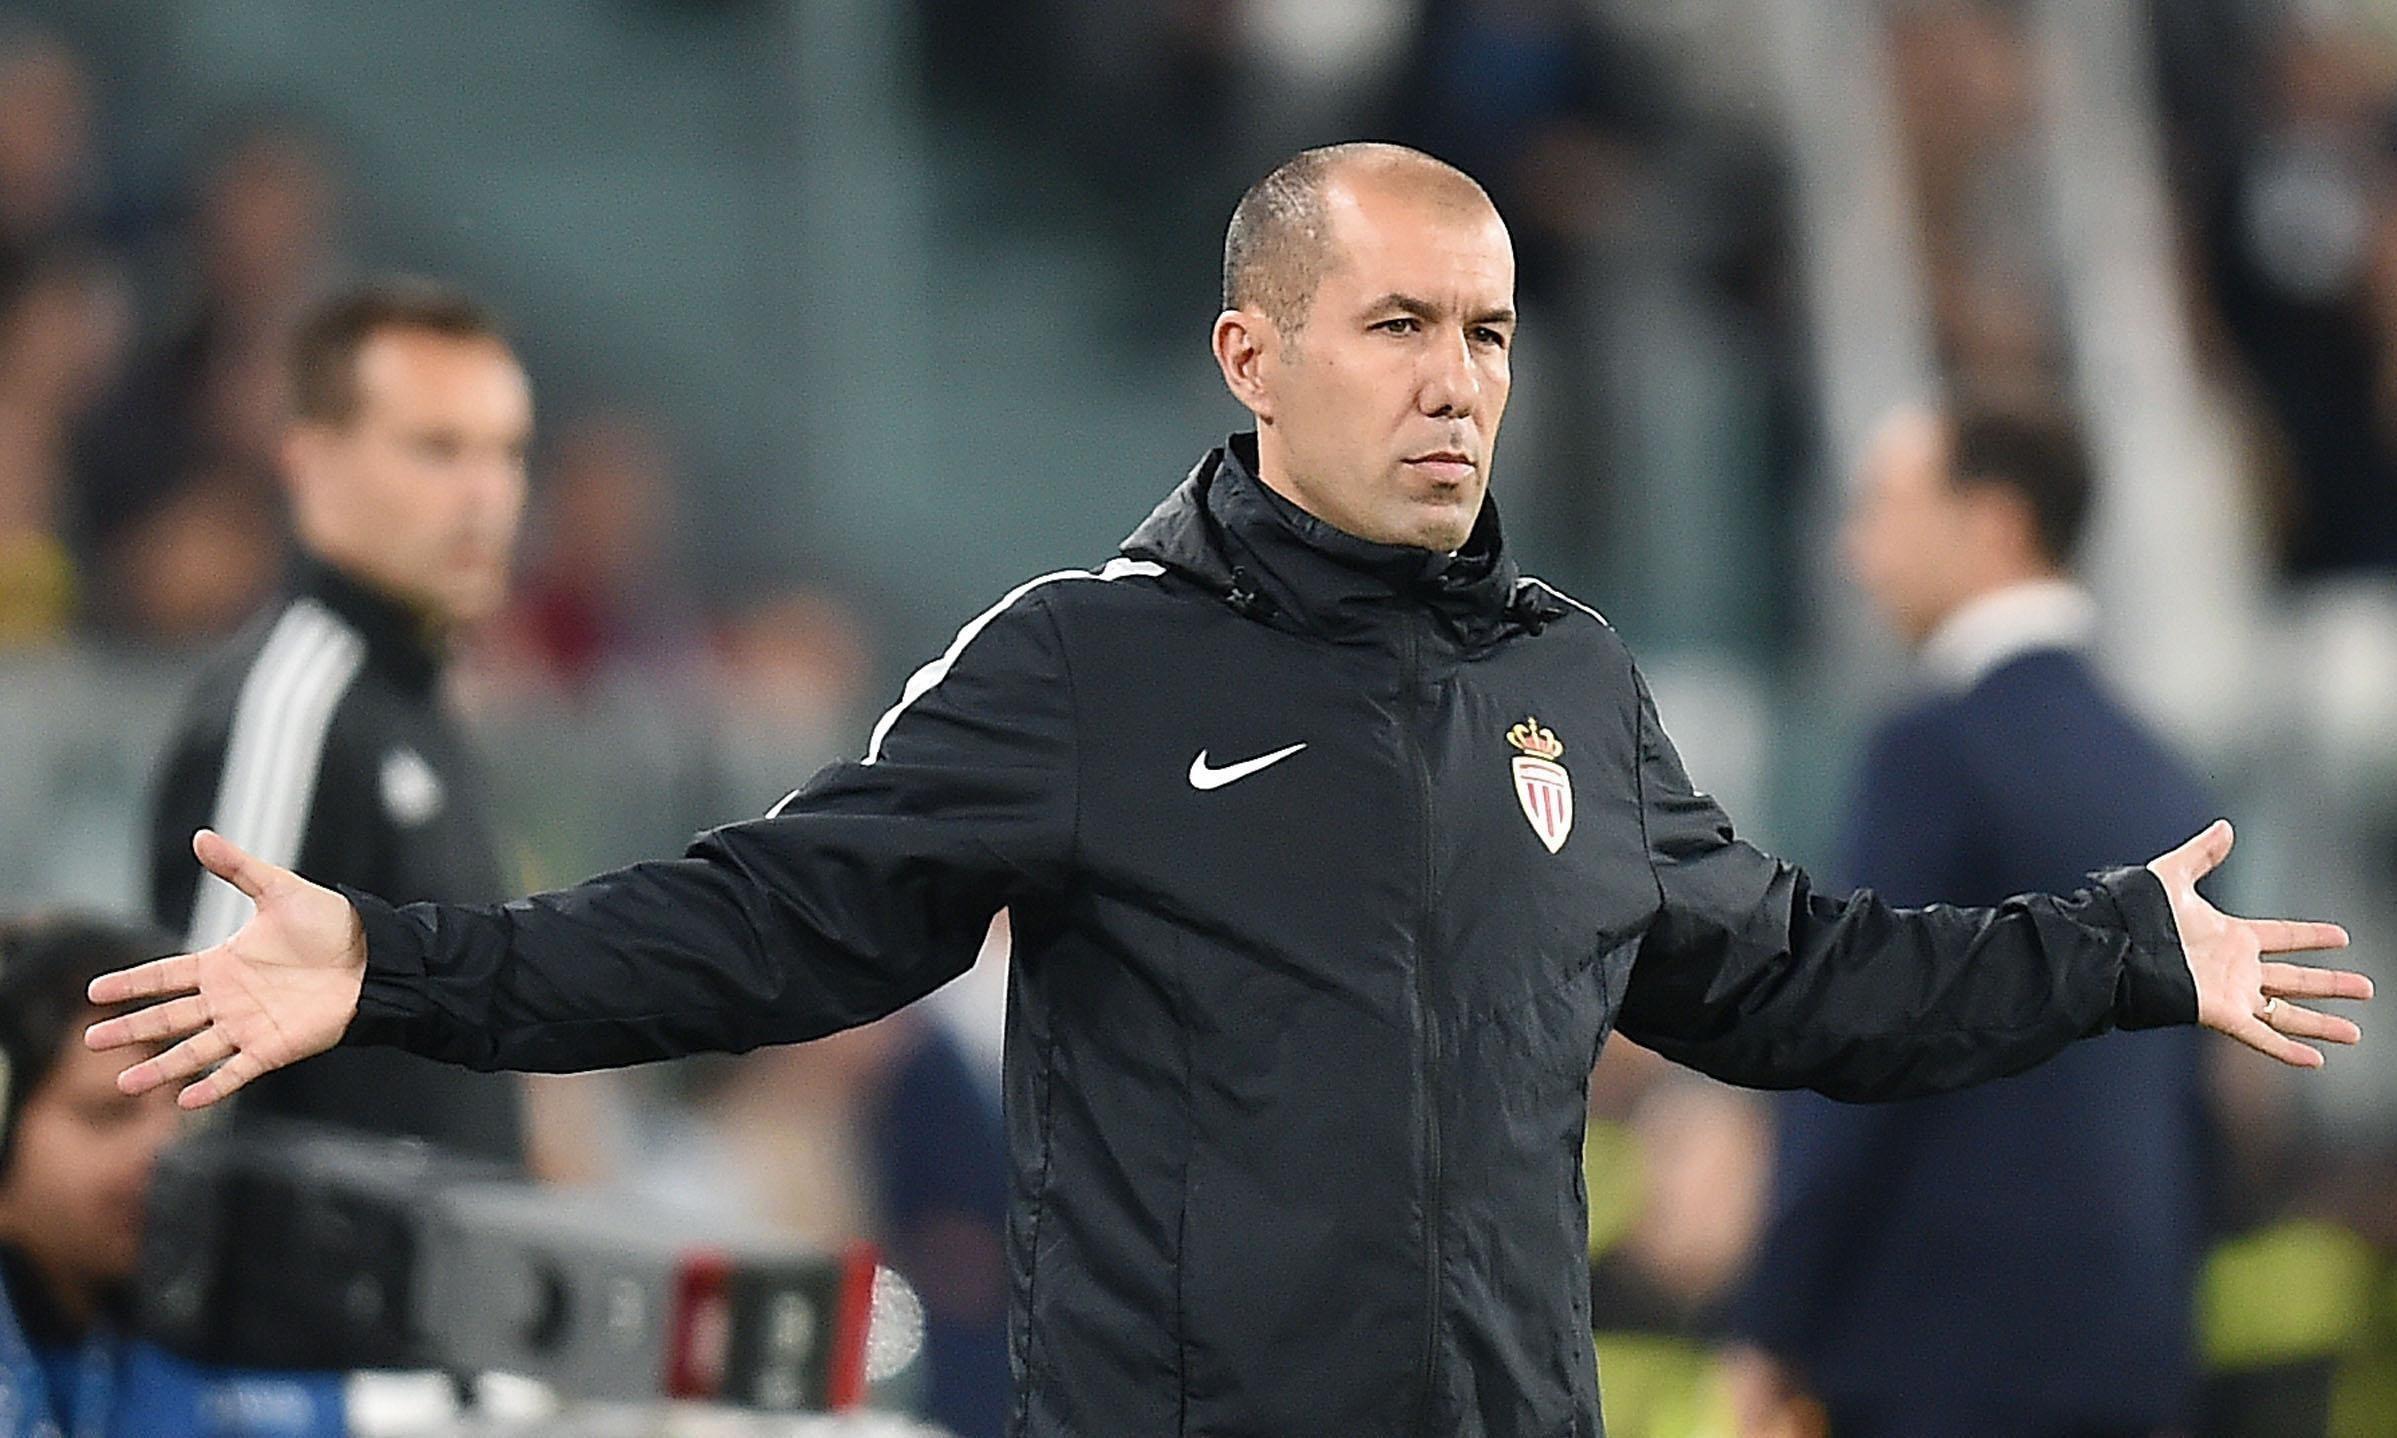 У тренера Головина конфликт со спортивным директором. Что сделает Рыболовлев? - фото